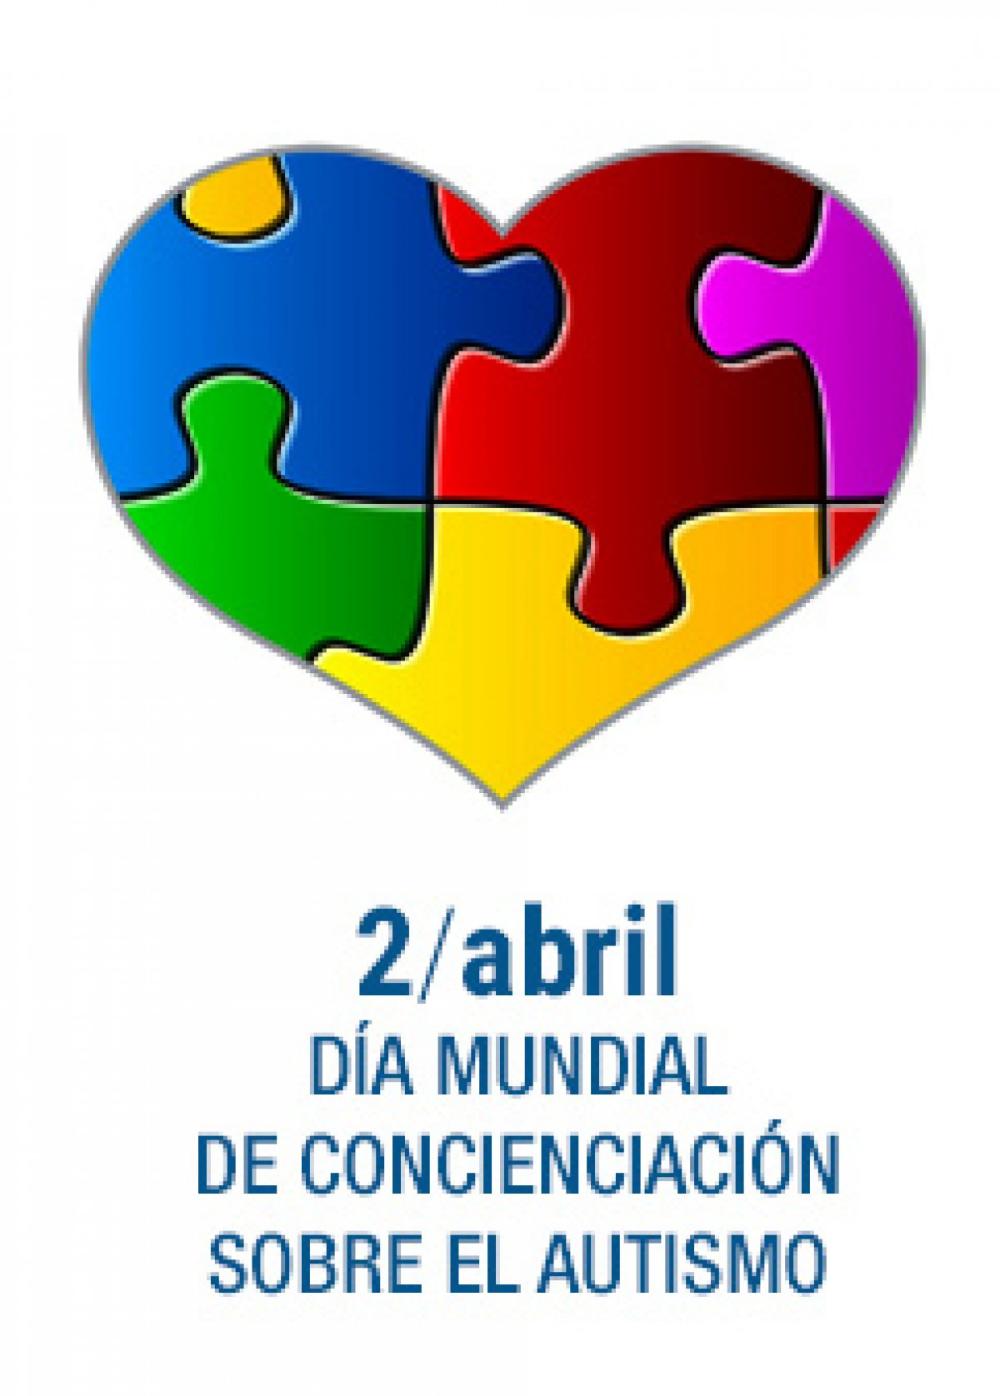 Día Del Autismo 2 Abril